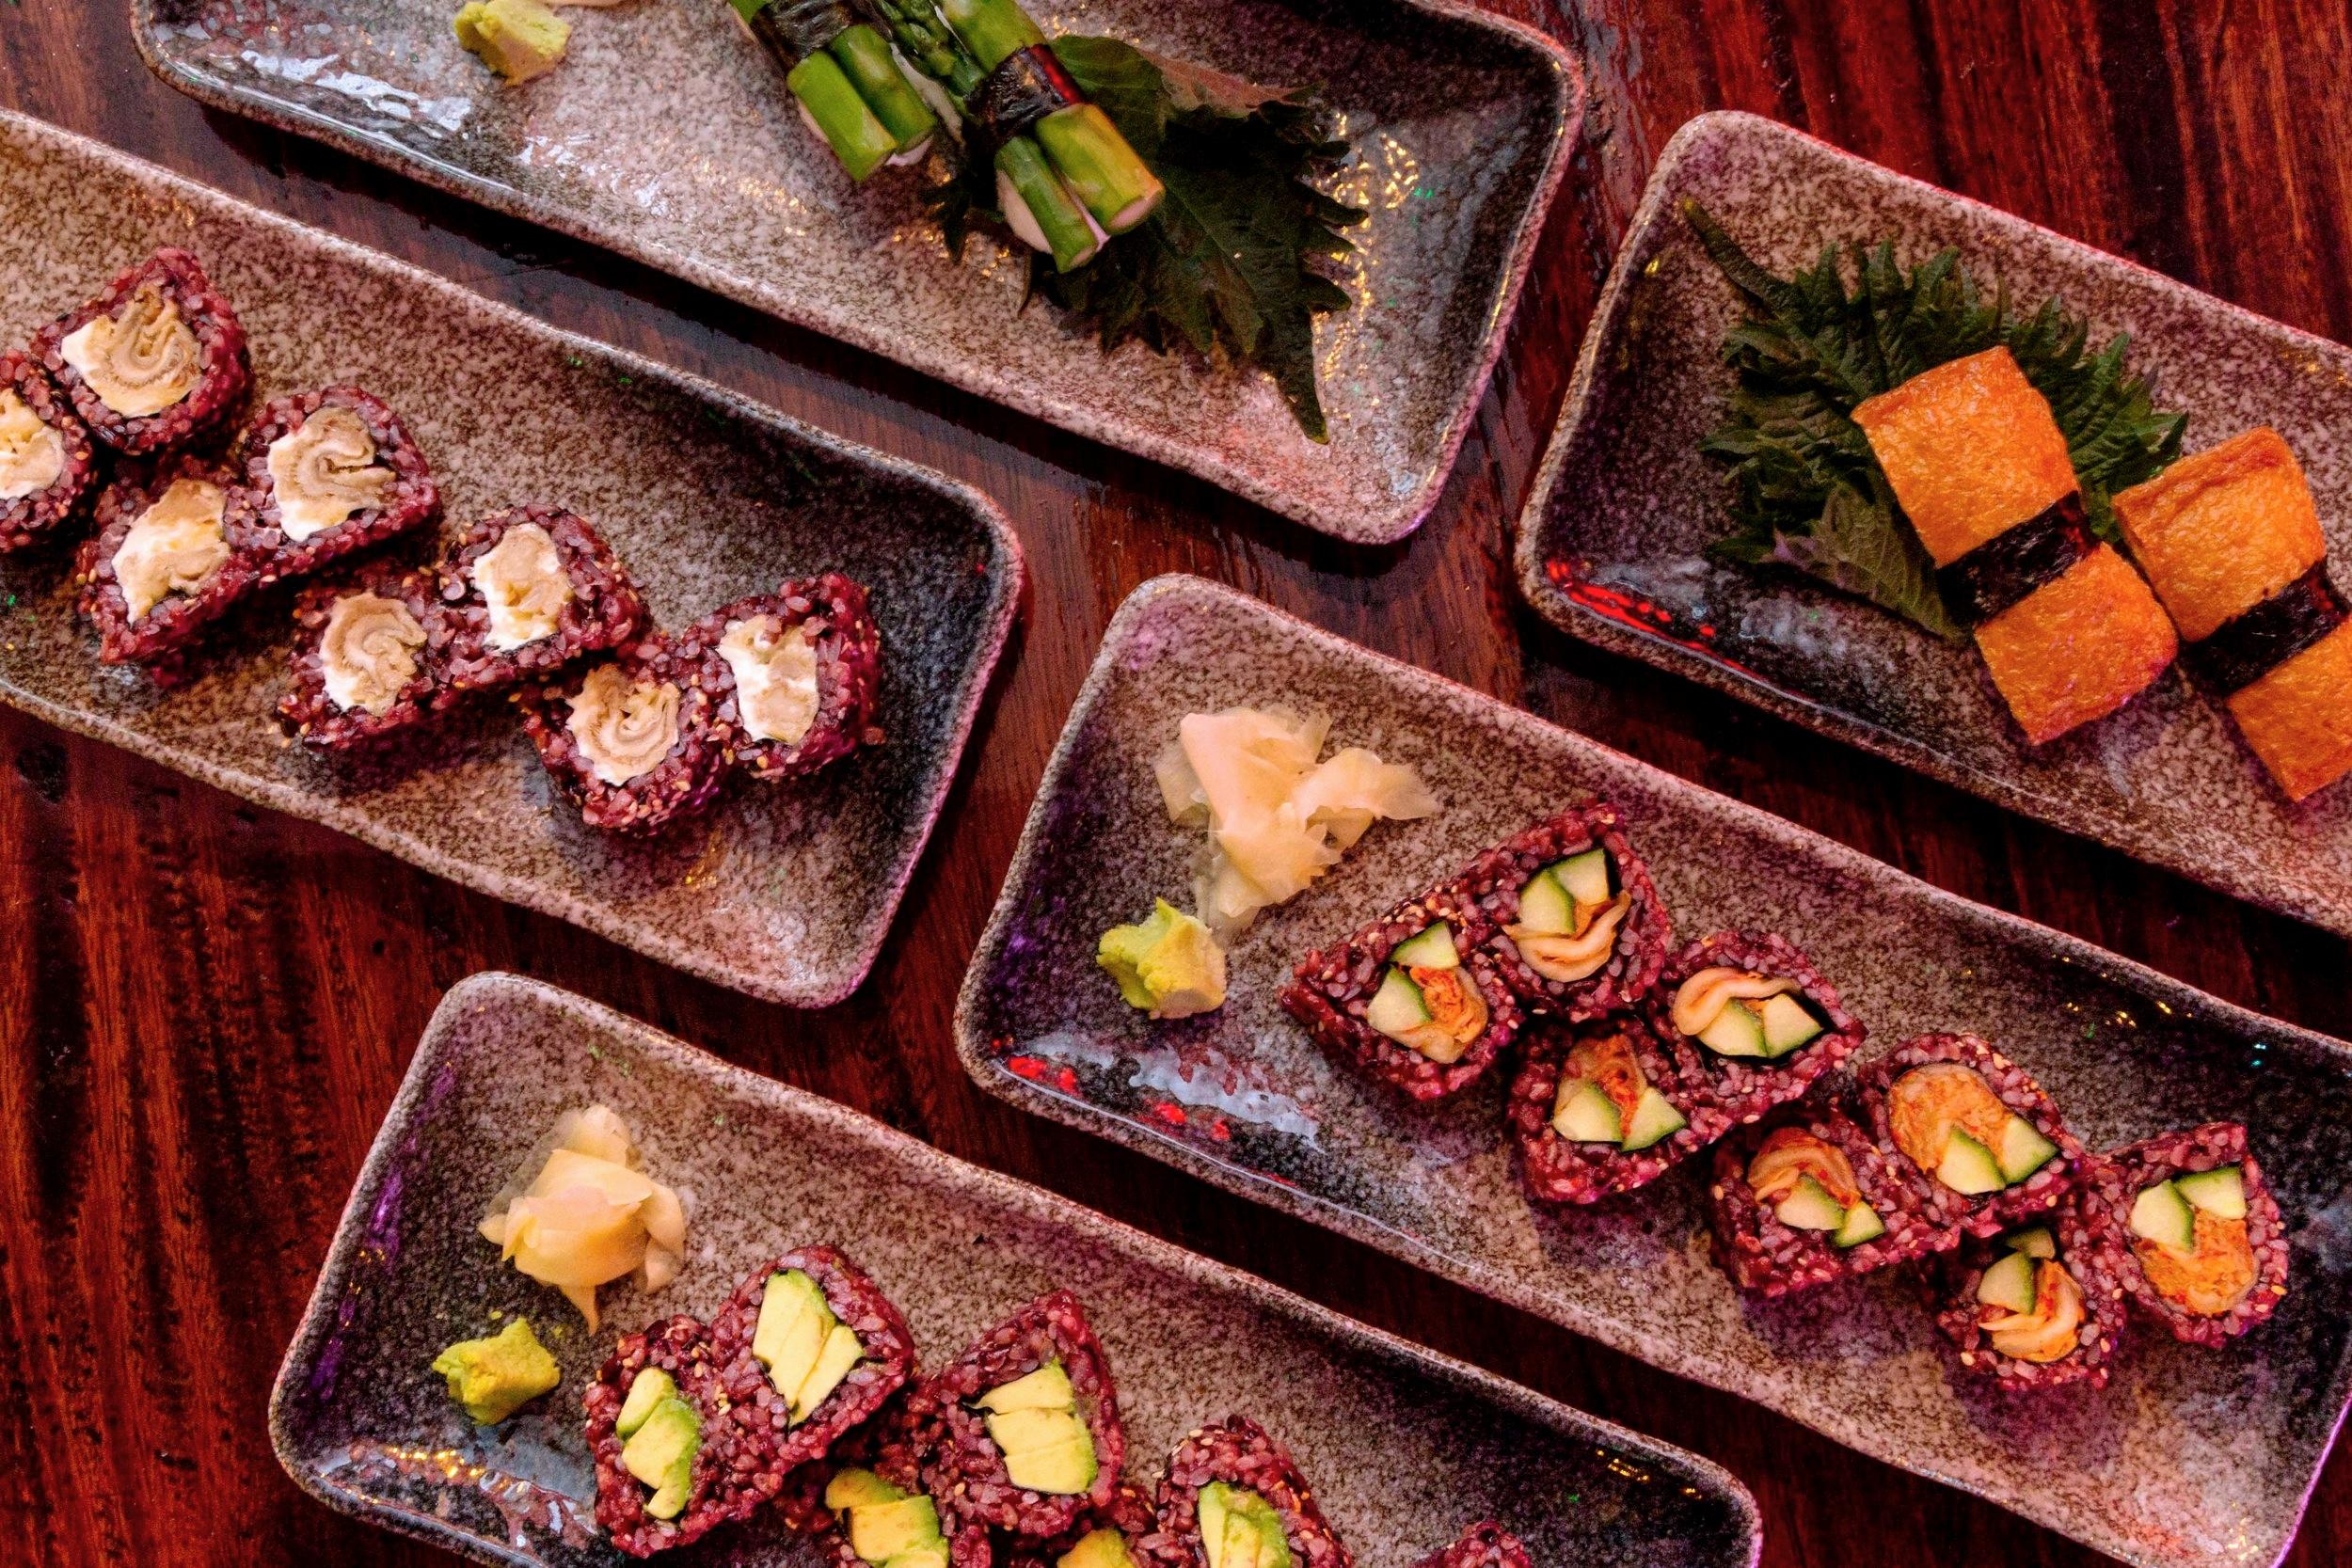 Clockwise from top left: Asparagus nigiri with white rice; Inari nigiri; Cucumber and Kimchi norimaki, Avocado norimaki, and Oyster Mushroom and Cream Cheese norimaki [vegan option available without cream cheese], all with black rice option